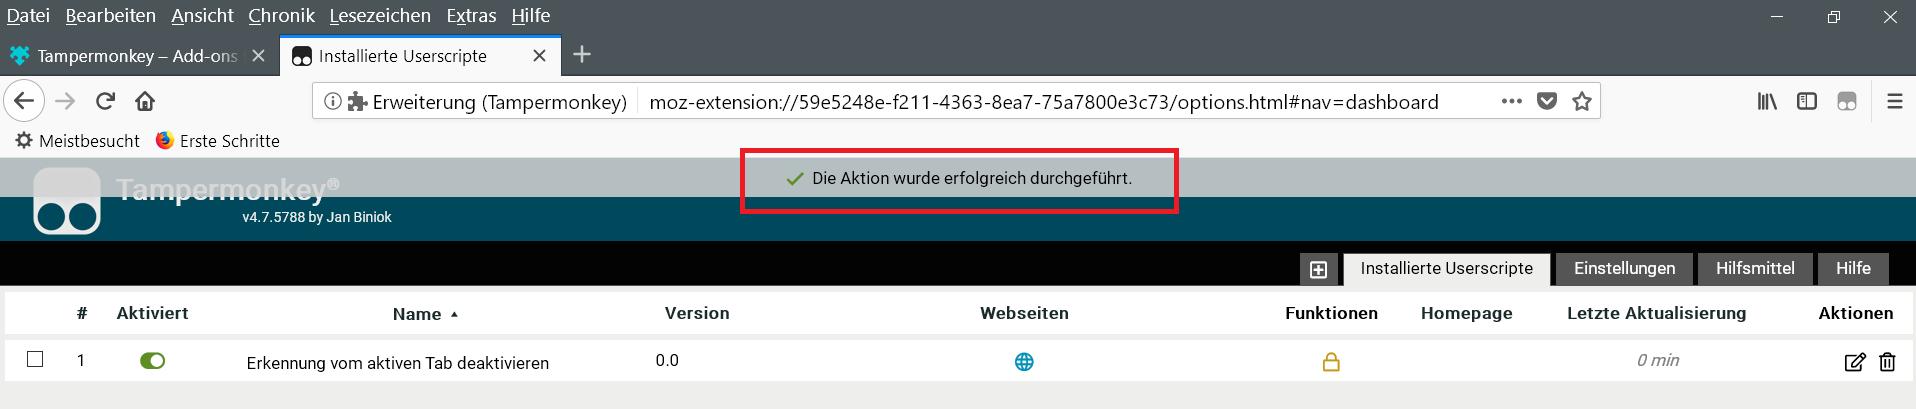 script installiert - Firefox die Tab Erkennung deaktivieren